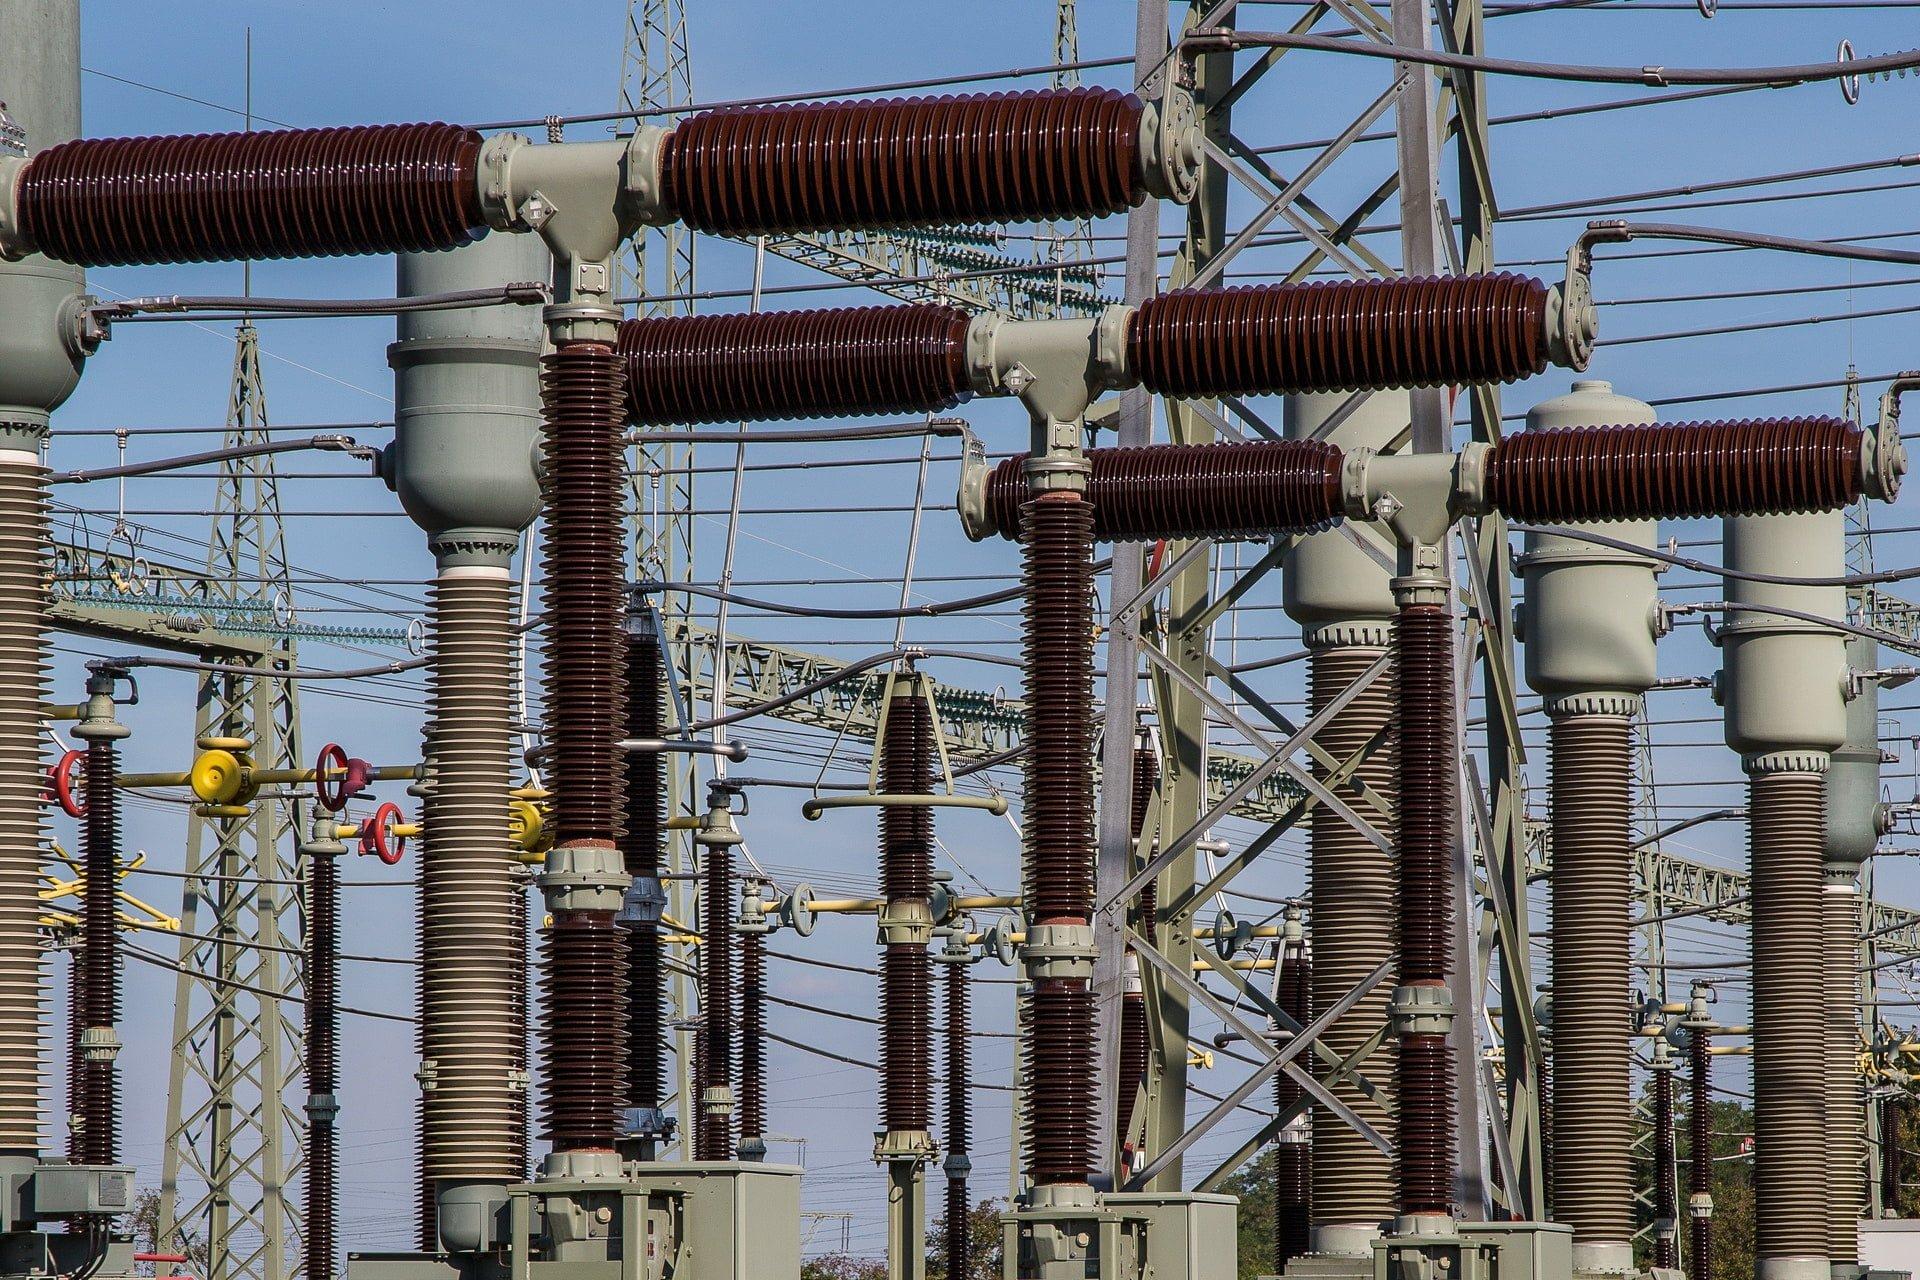 cable current danger distribution electronic power 台灣電力公司:非時間電價與時間電價有何不同?